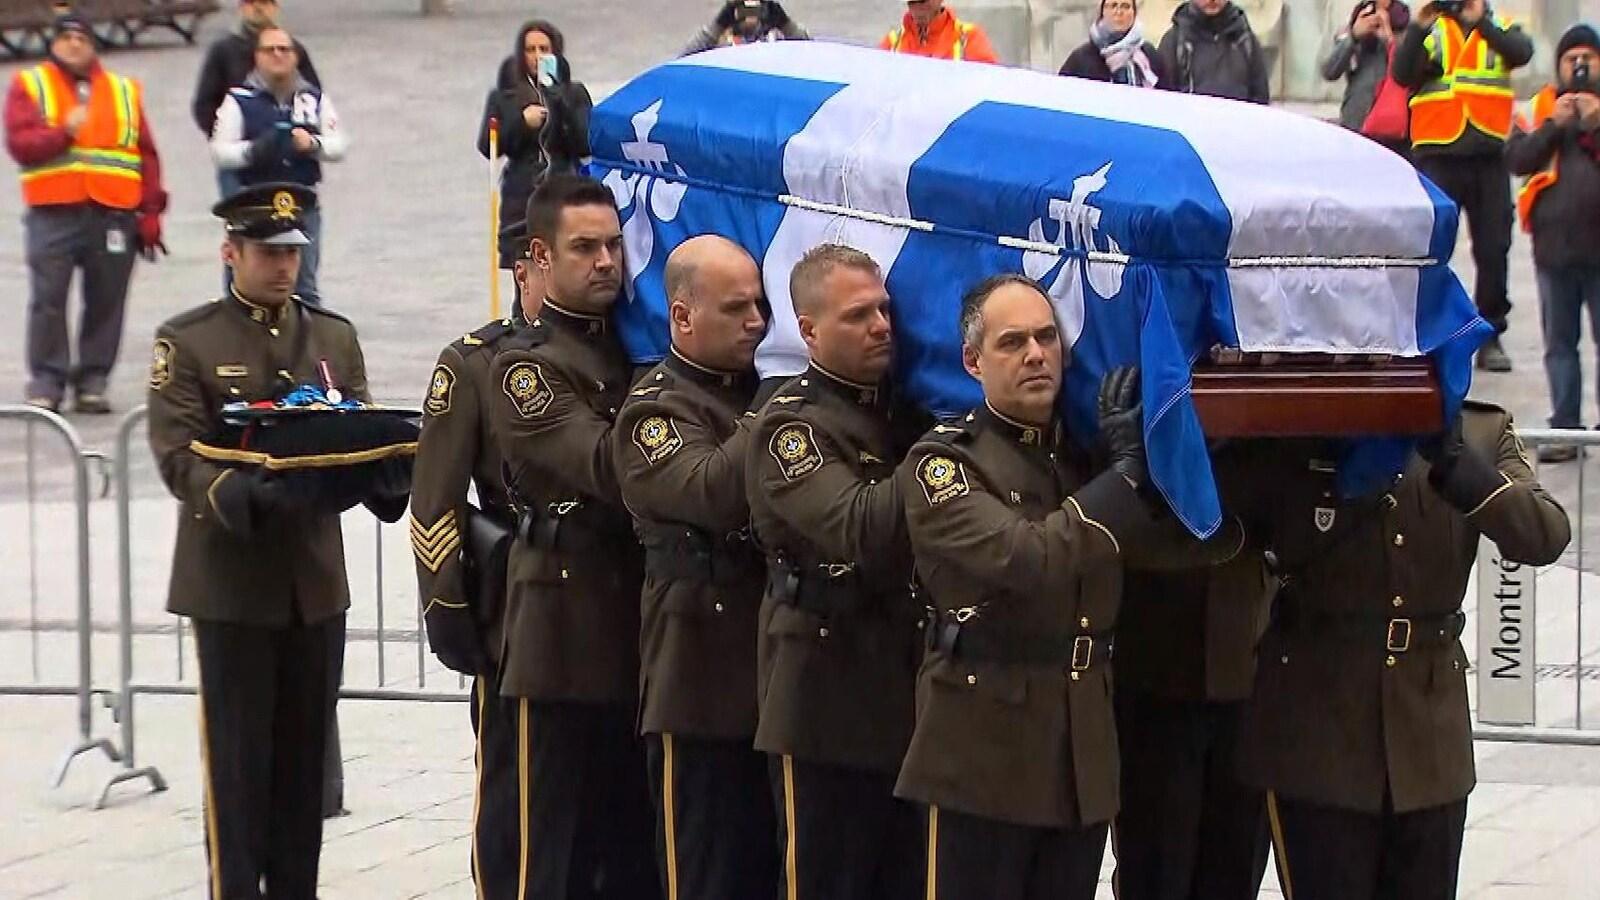 Un cercueil déposé sur les épaules de porteurs.